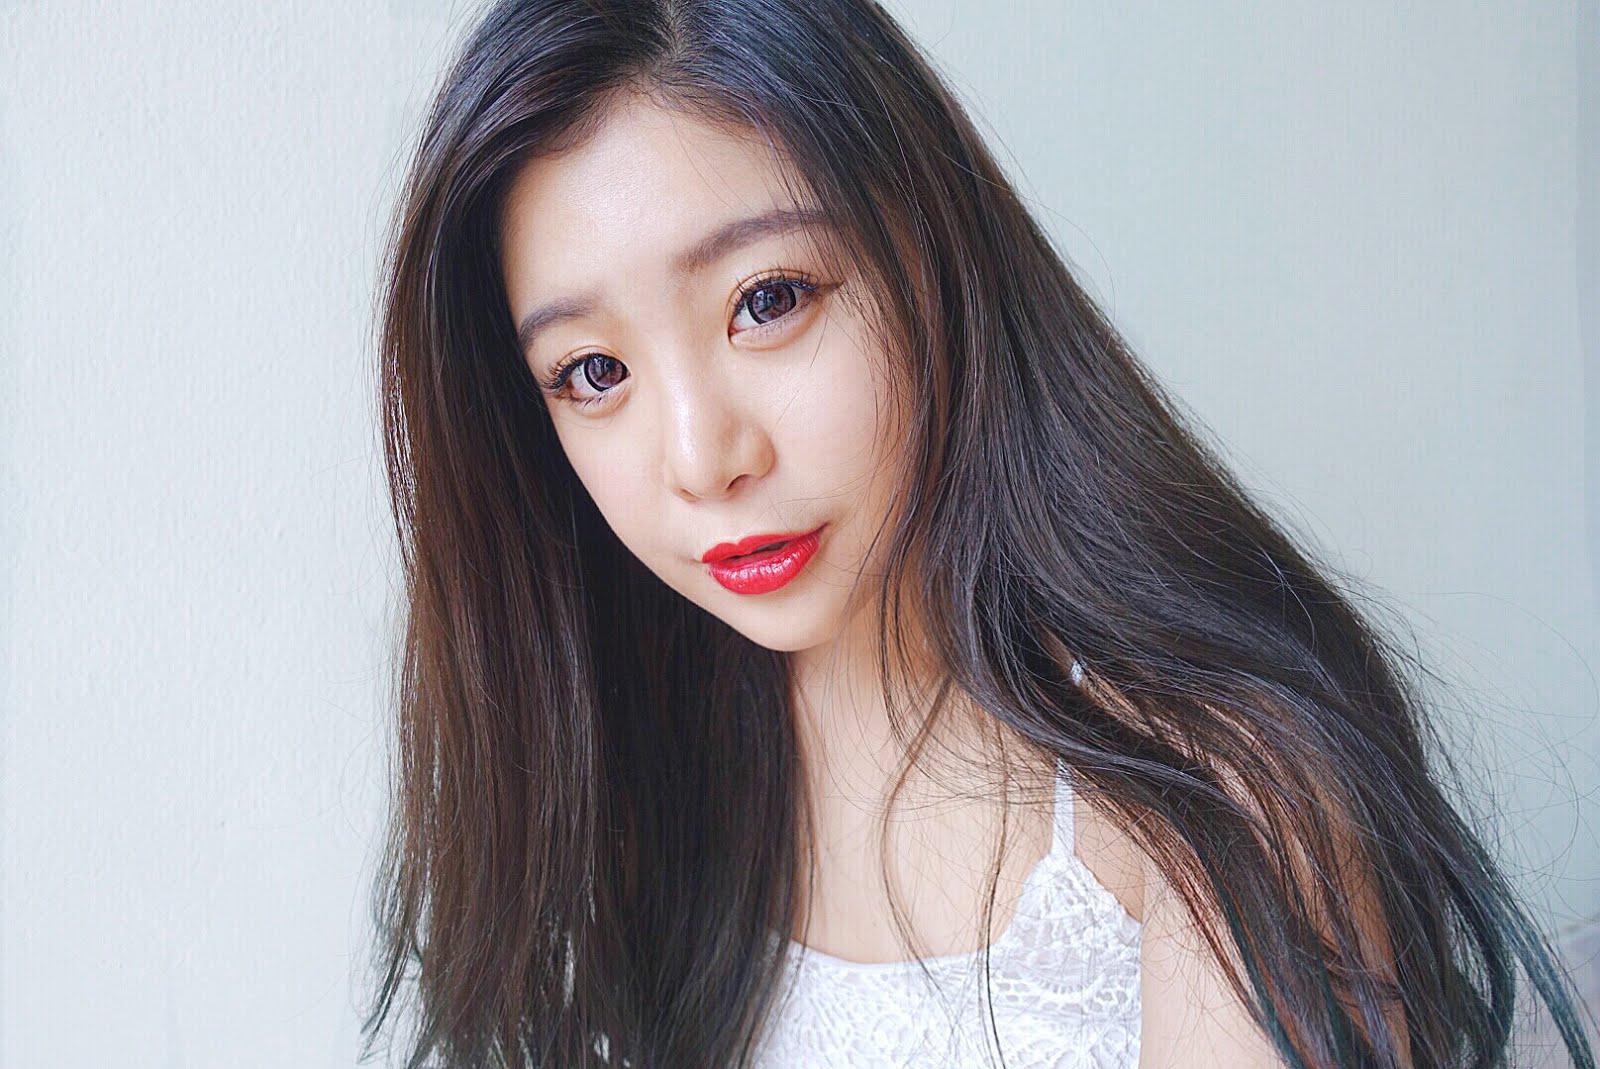 Hola, I'm Shini Lola.